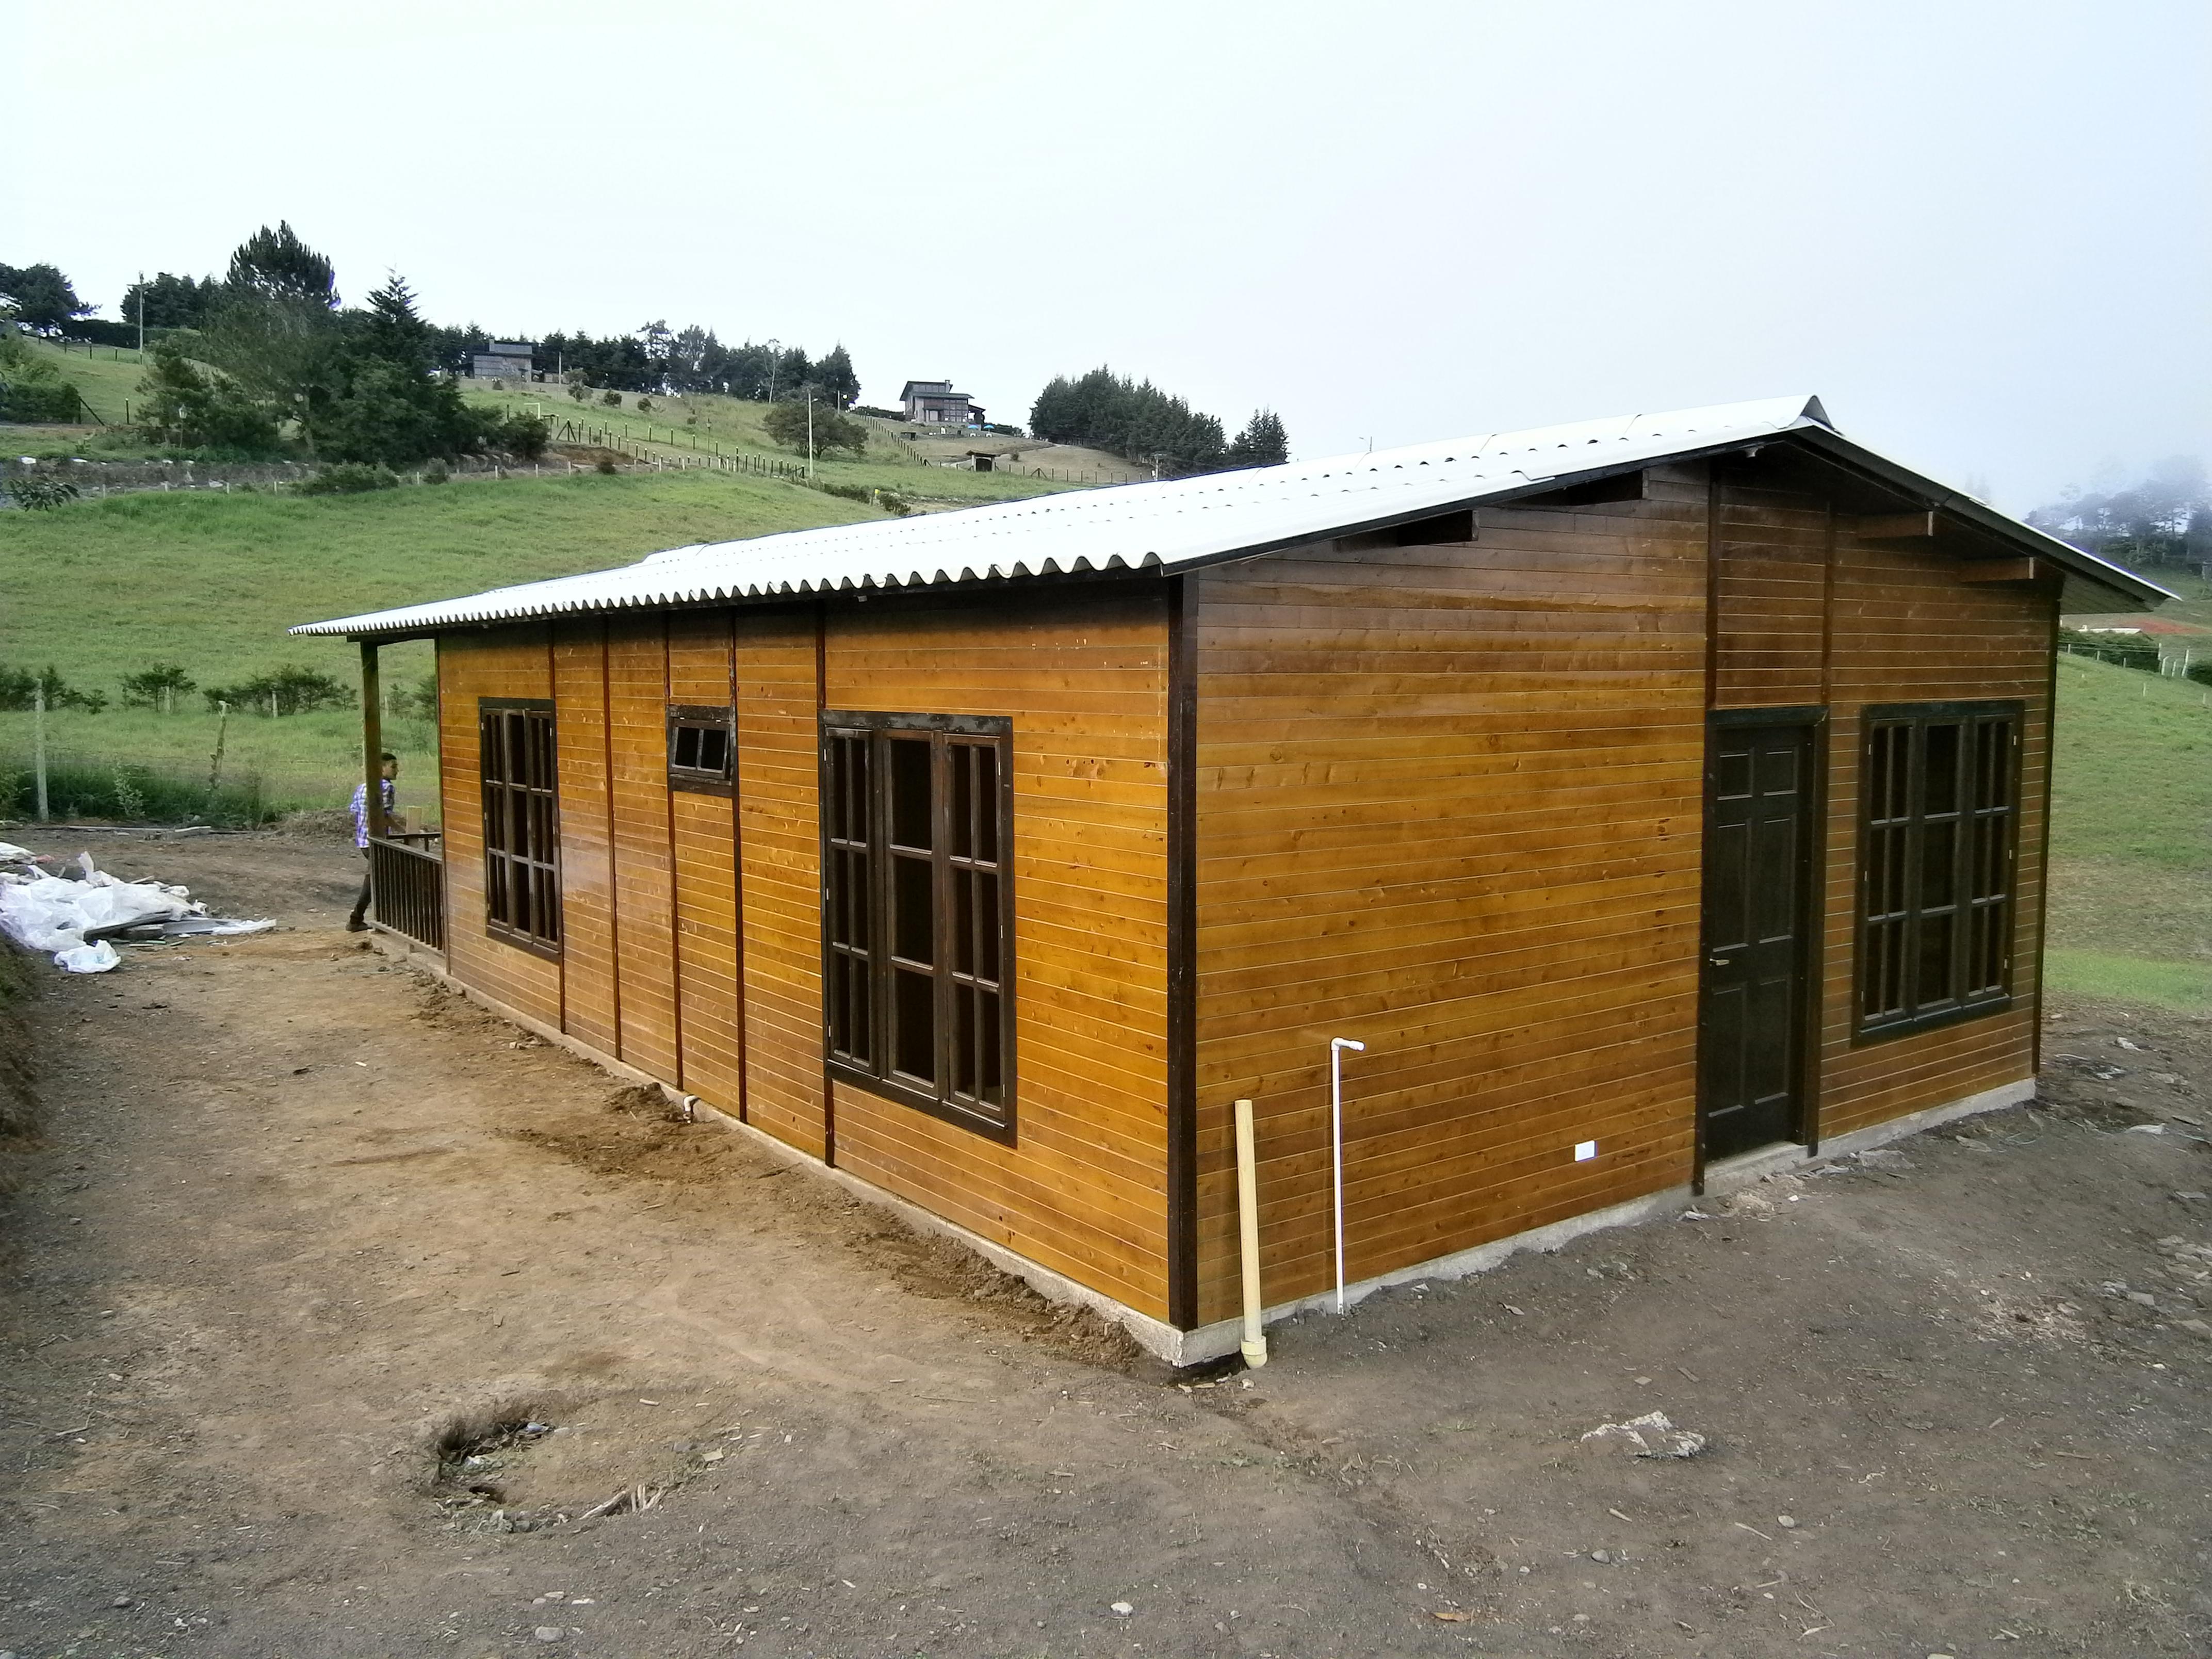 Casas prefabricadas 1 0 600 0 m2 per month - Casas modulares prefabricadas ...